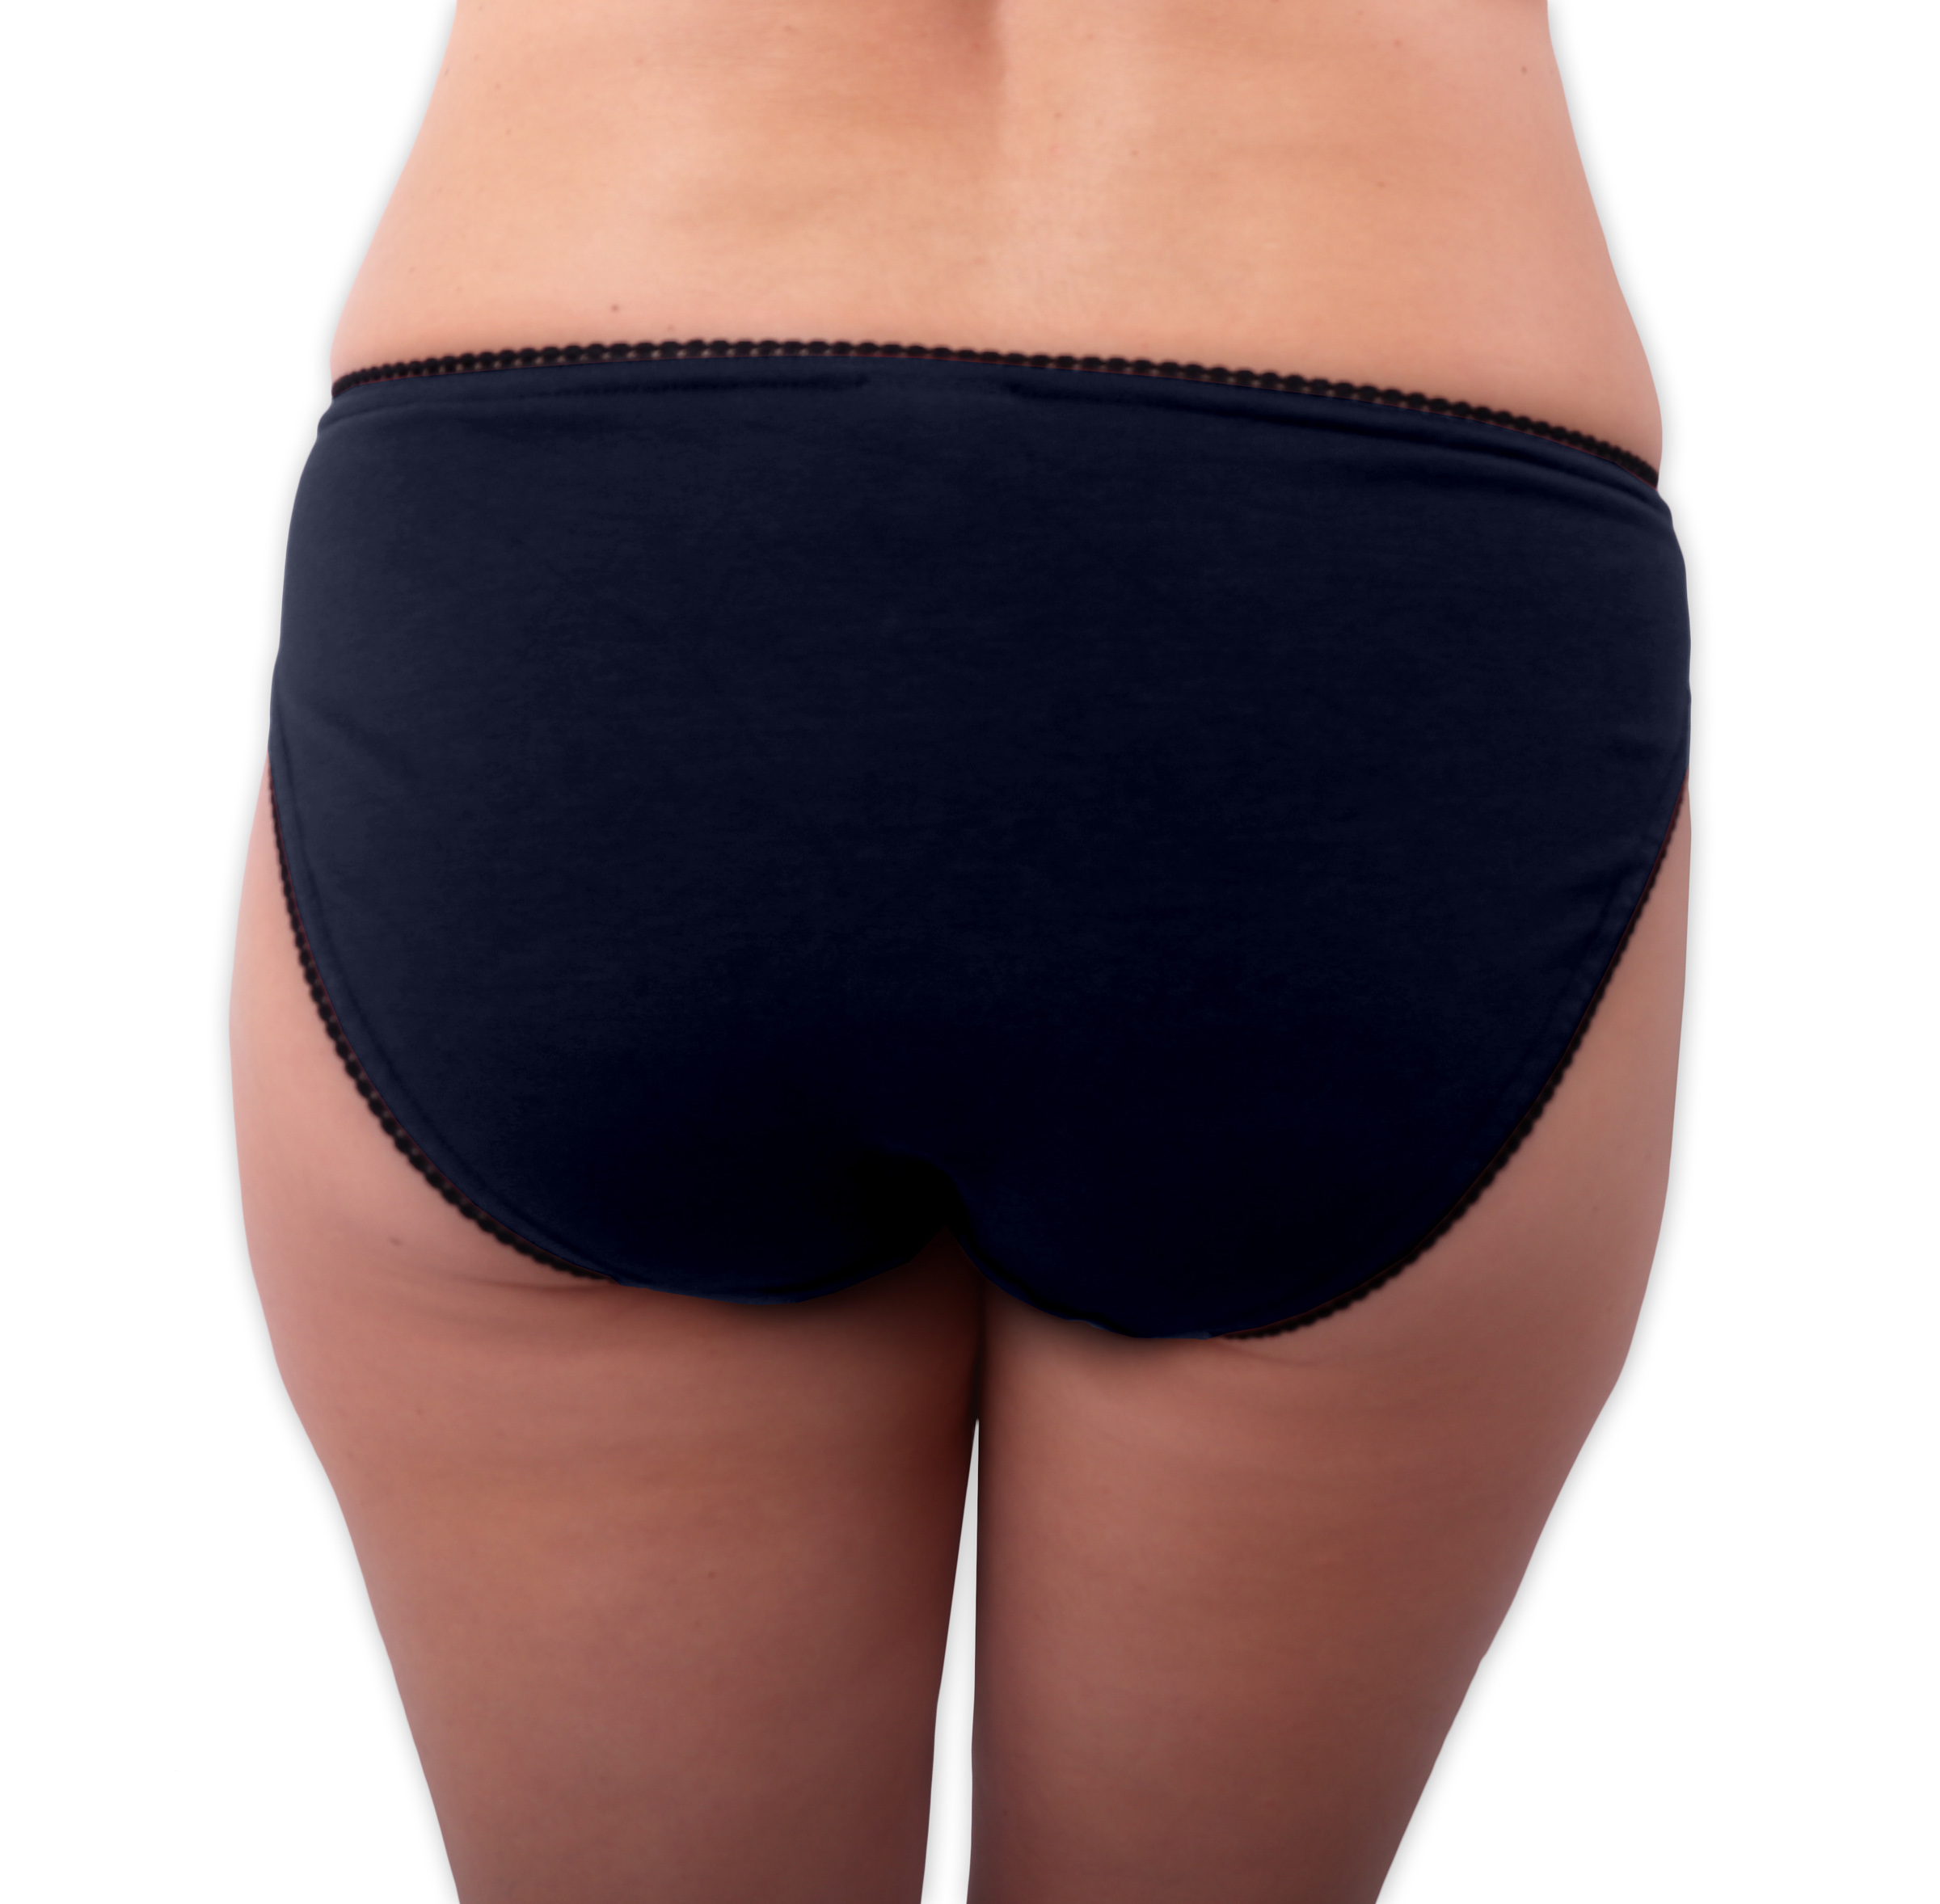 Dámské kalhotky bavlněné, klasický střih, tmavě modré, 46